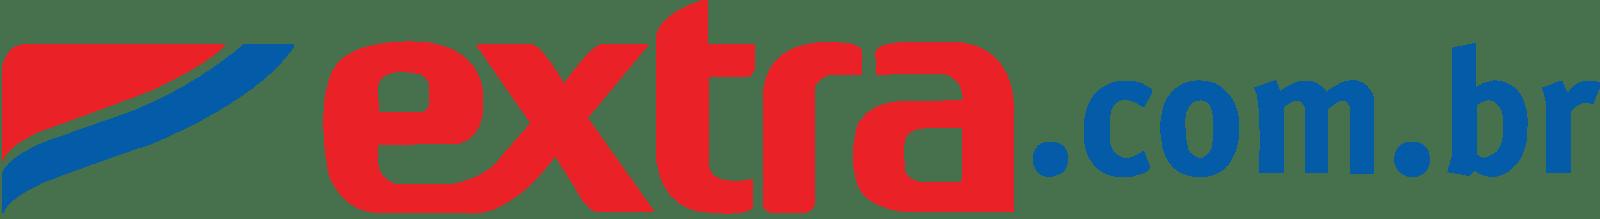 extra marketplace - hub de integração via varejo